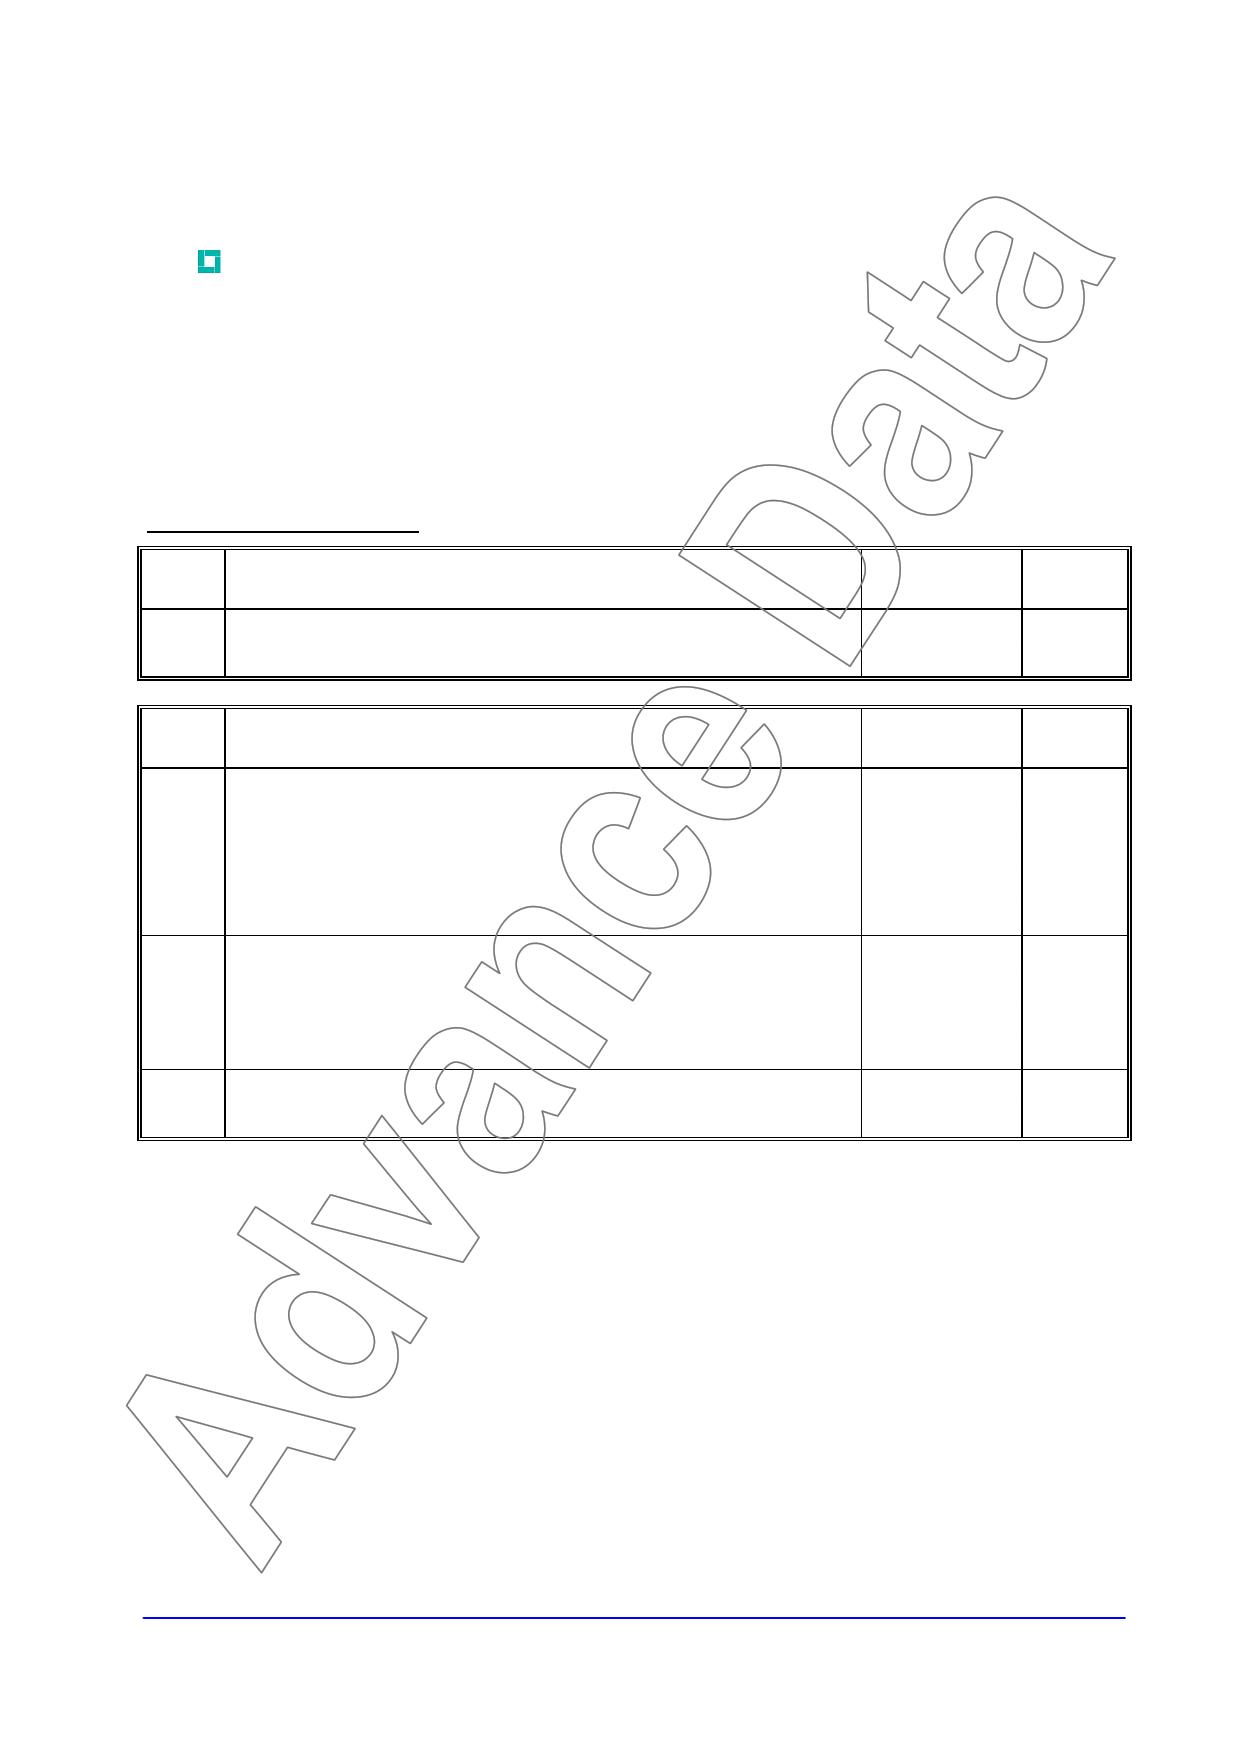 W4693QK080 数据手册